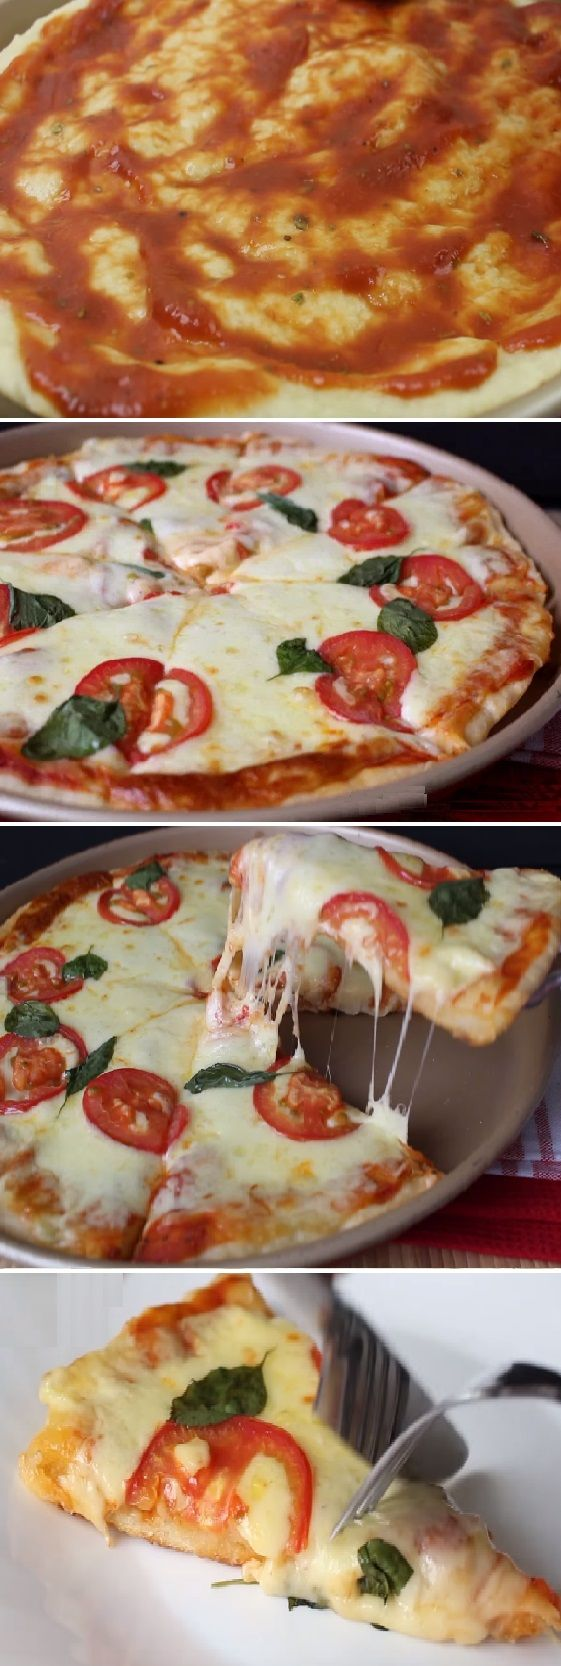 Masa Casera De Pizza Receta Fácil Para Preparar Eres La Mejor Del Mundo Masa Pizza Pizzapa Recetas Fáciles Recetas Faciles Para Cocinar Comidas Diarias